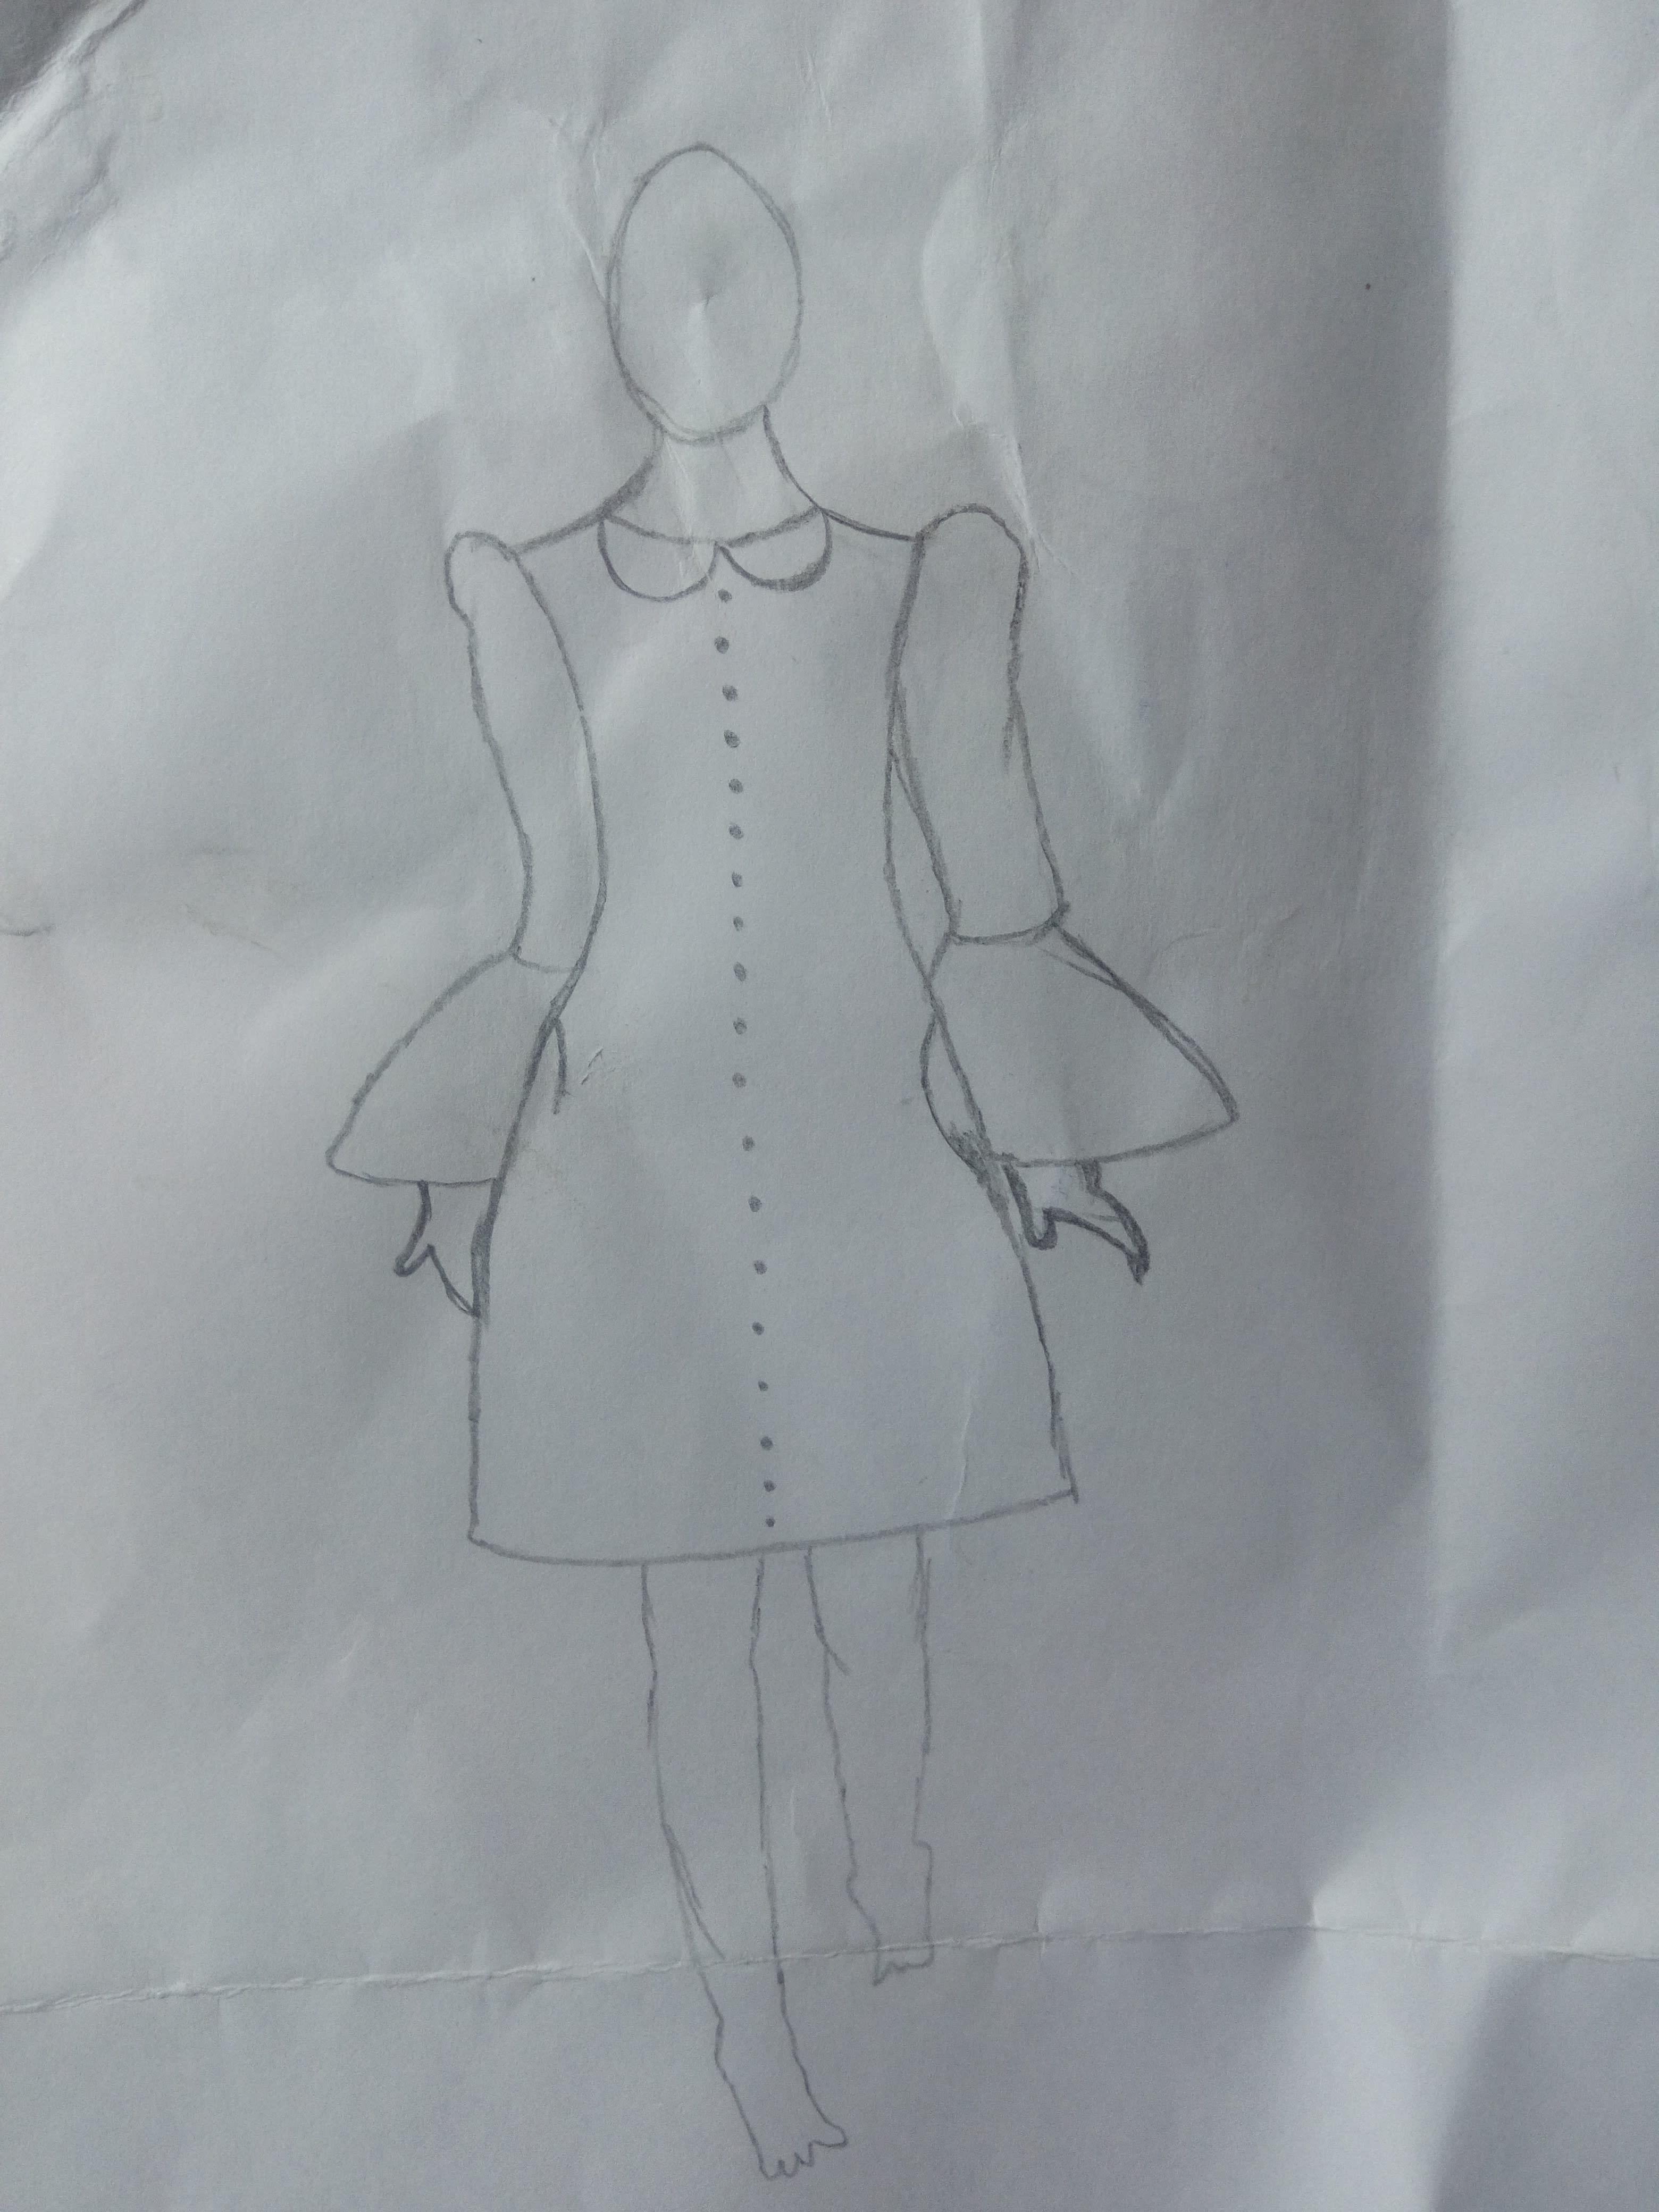 Design Pencil Drawing For Fashion By Wkawshalya